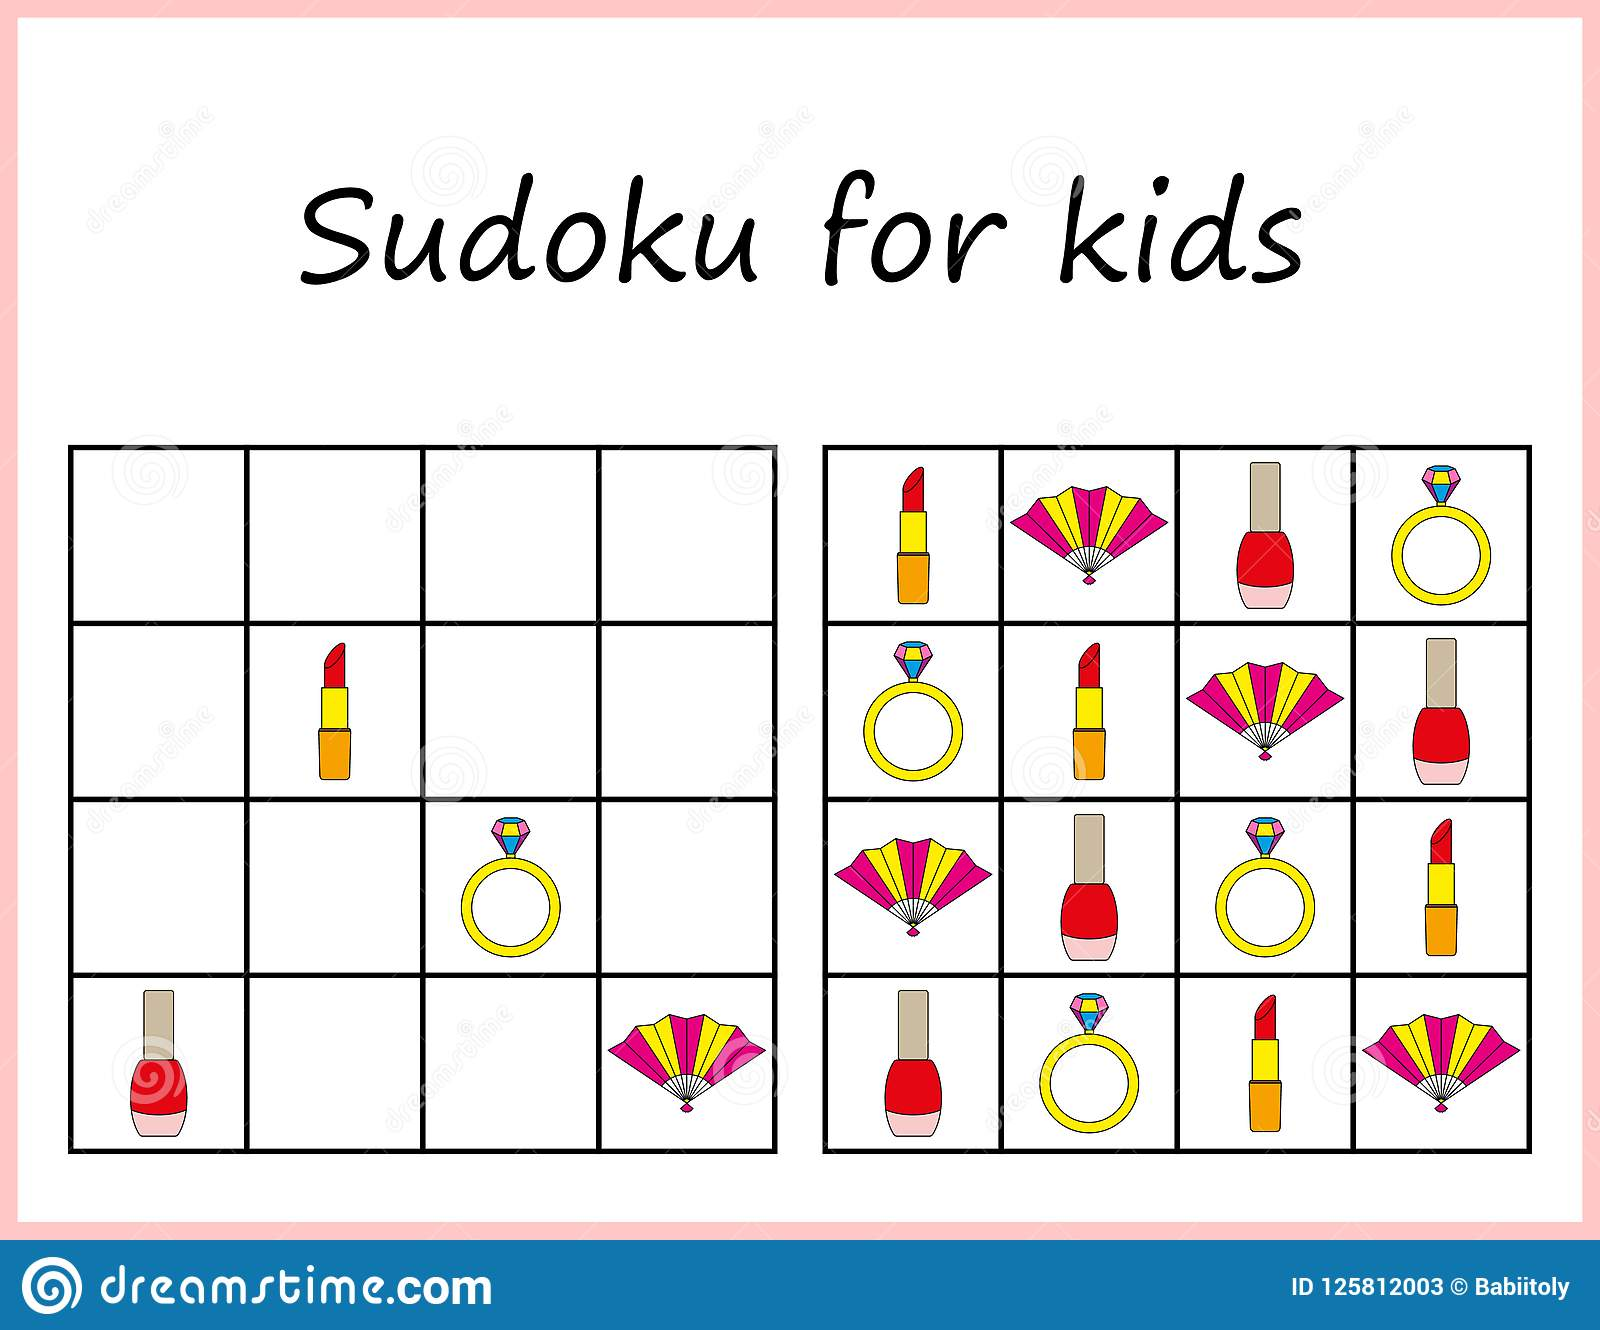 Sudoku For Kids Game For Preschool Kids Training Logic